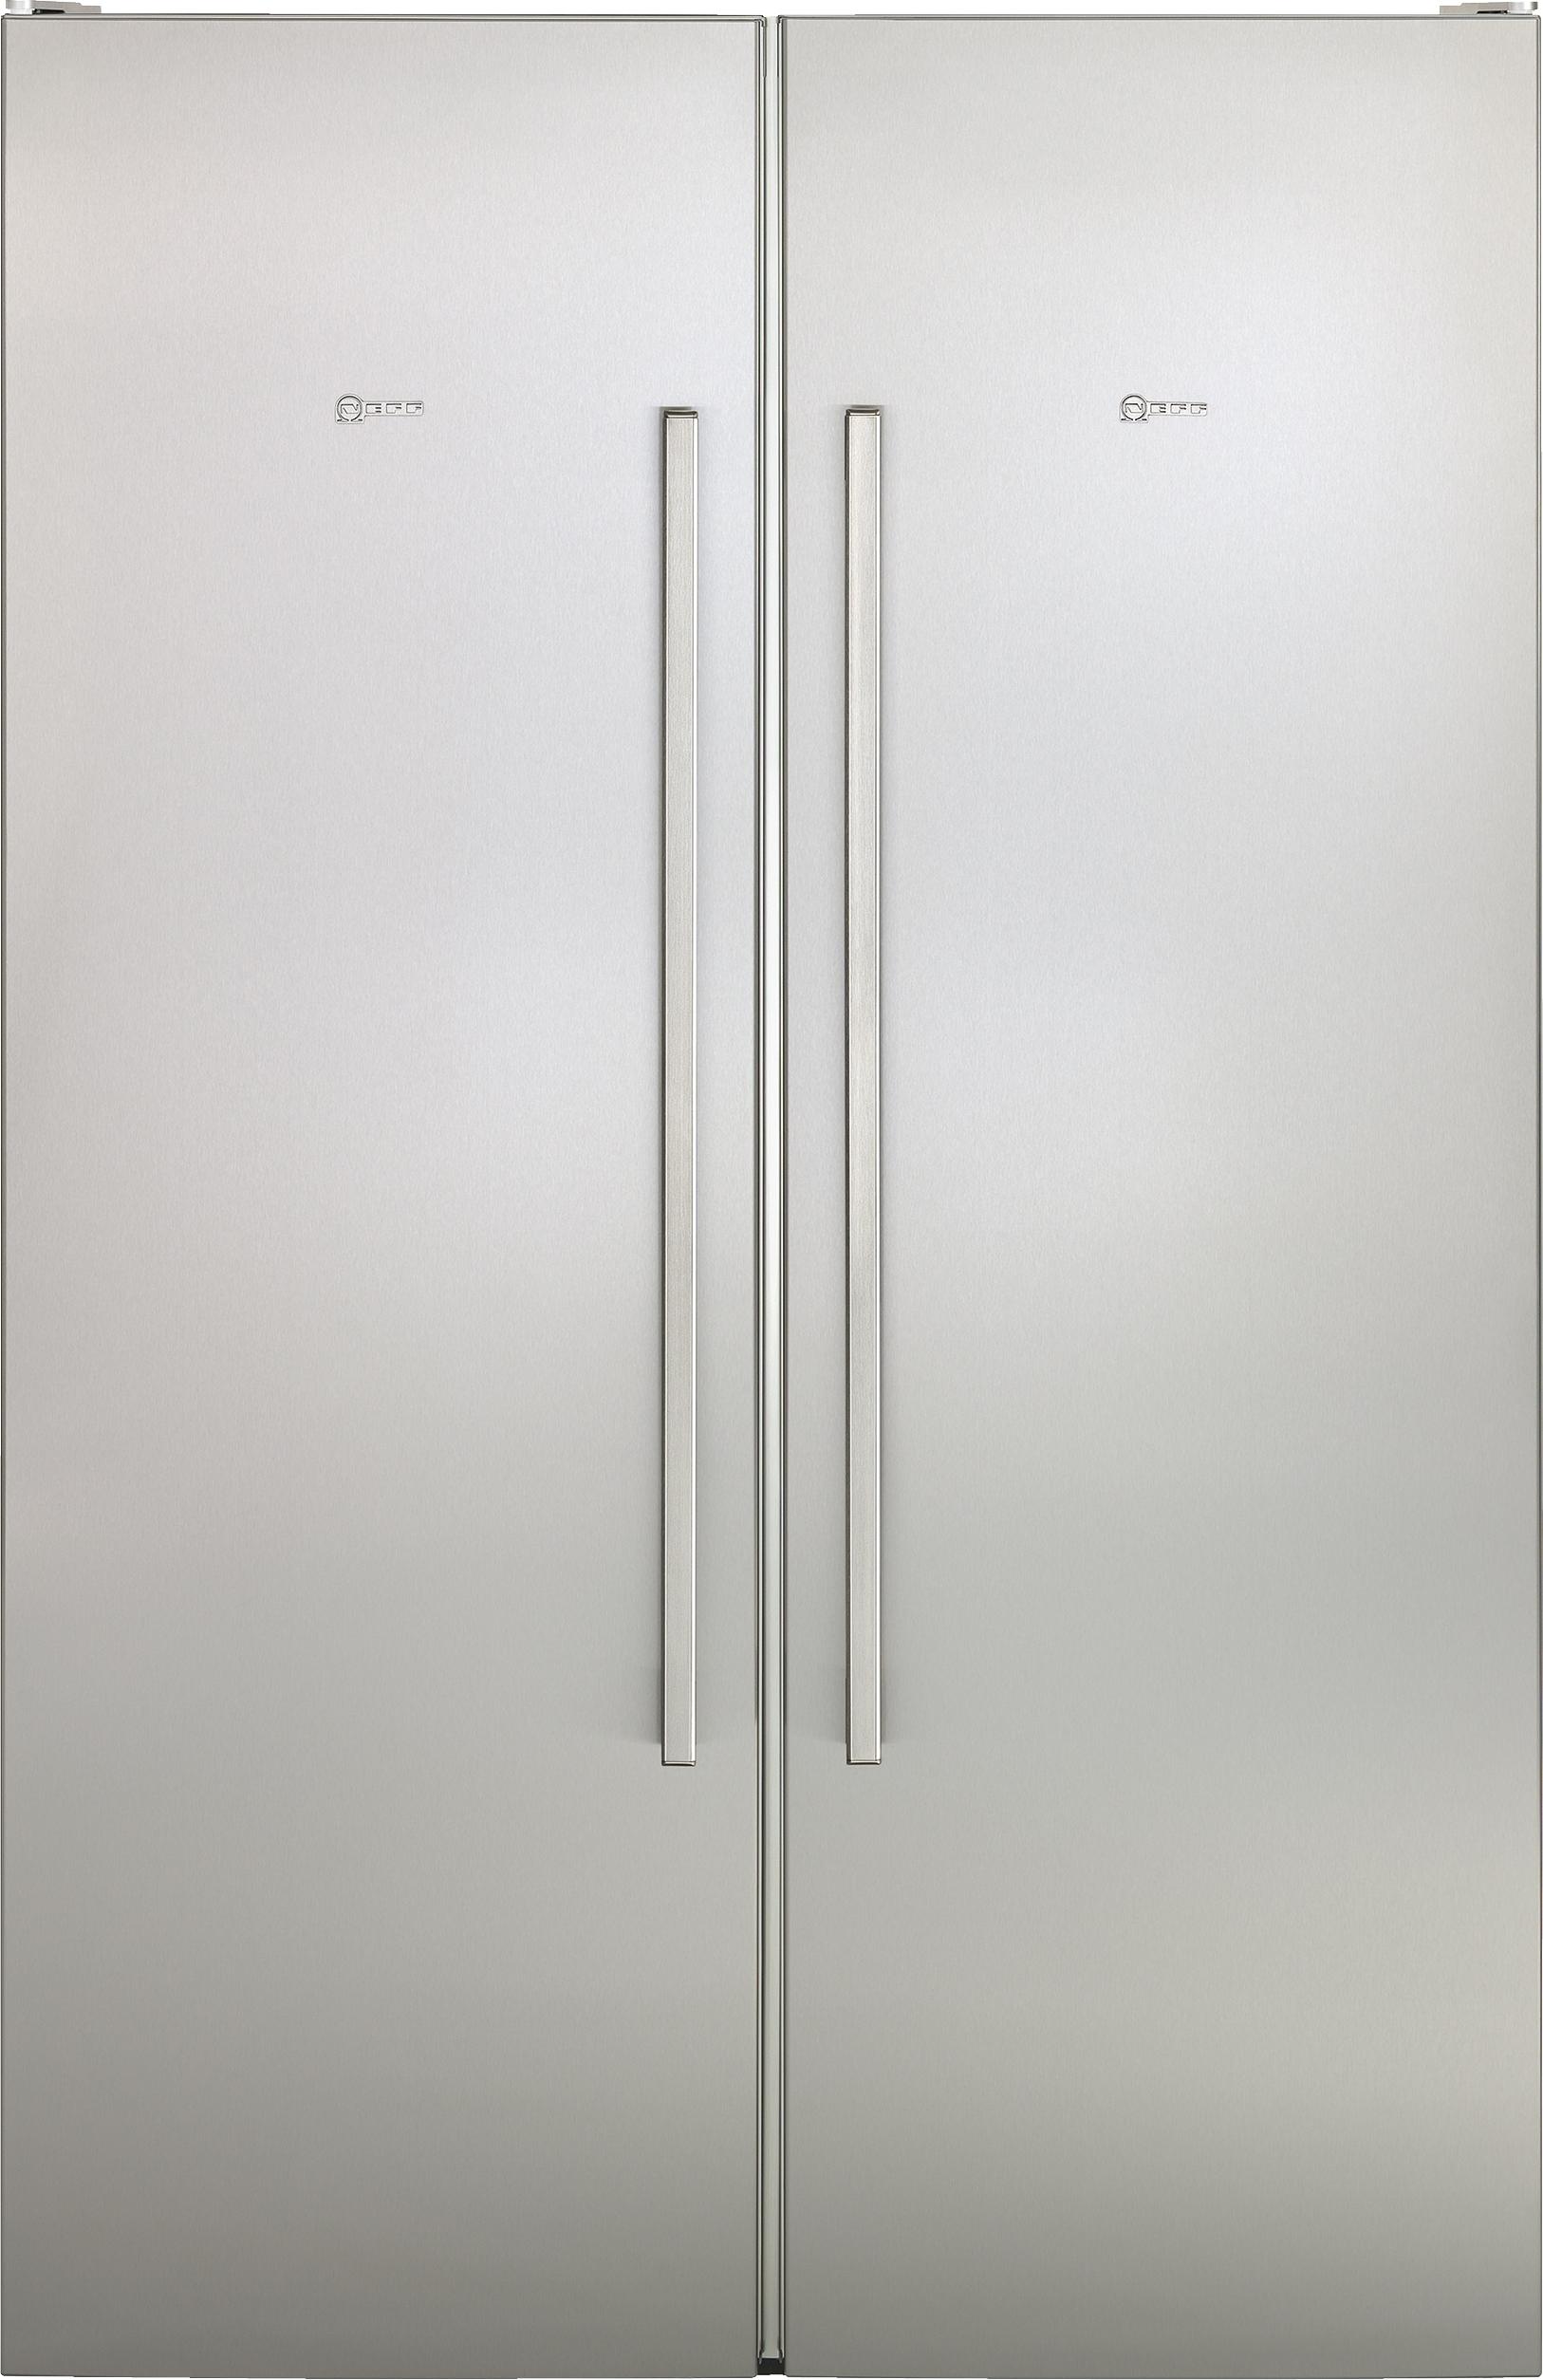 Neff Kühl Gefrierkombination Side By Side Bestehend Aus Ks8348i30